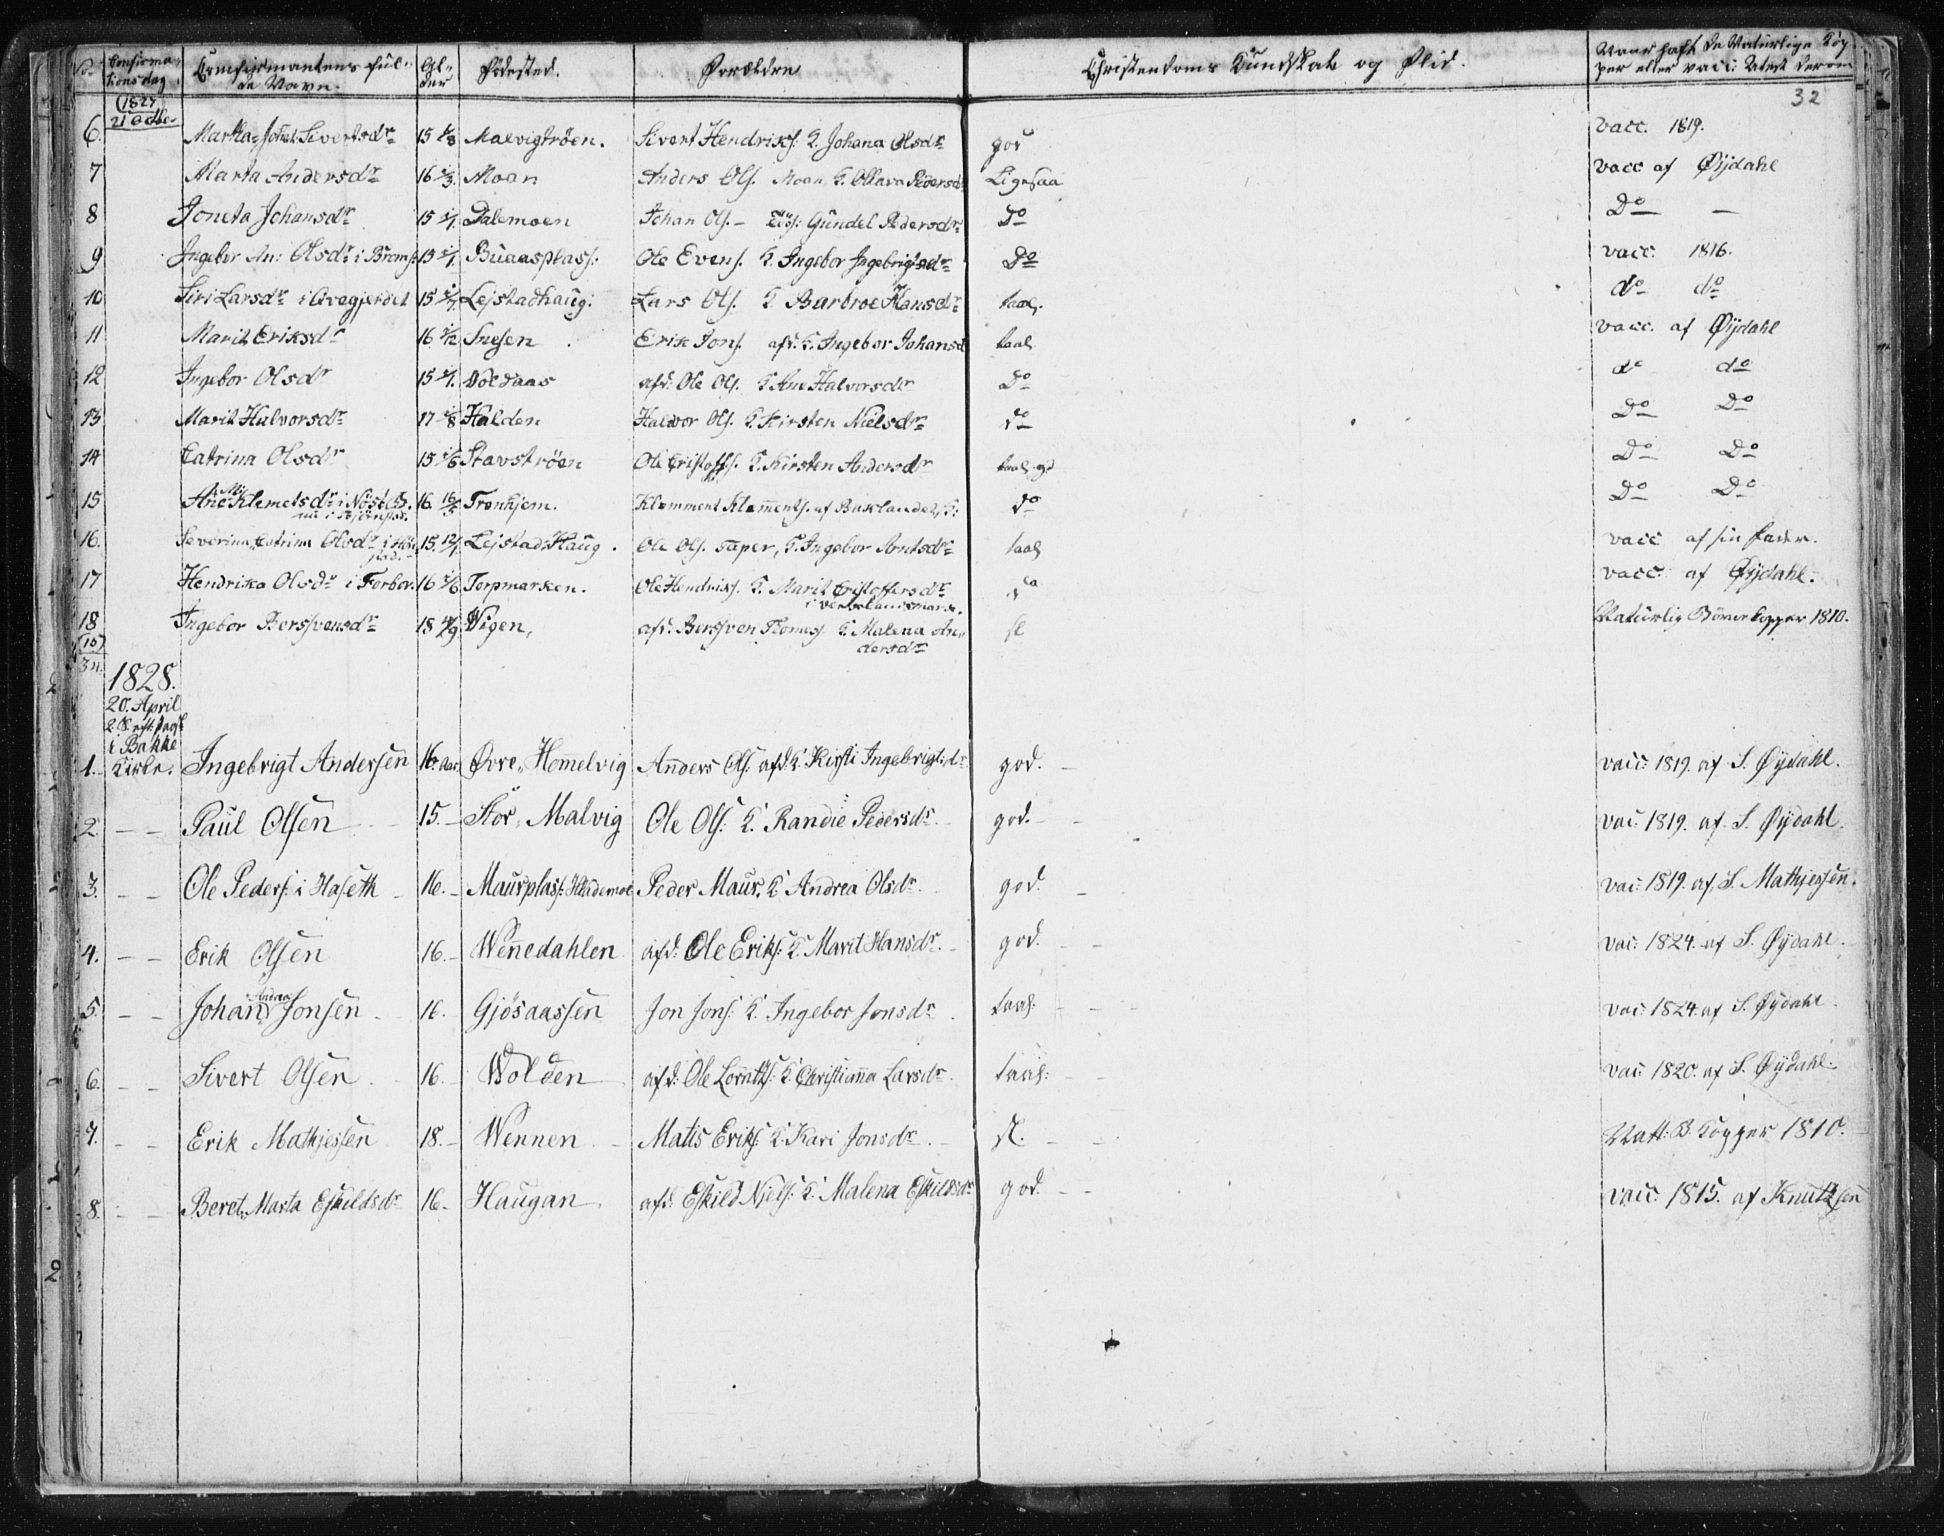 SAT, Ministerialprotokoller, klokkerbøker og fødselsregistre - Sør-Trøndelag, 616/L0404: Ministerialbok nr. 616A01, 1823-1831, s. 32